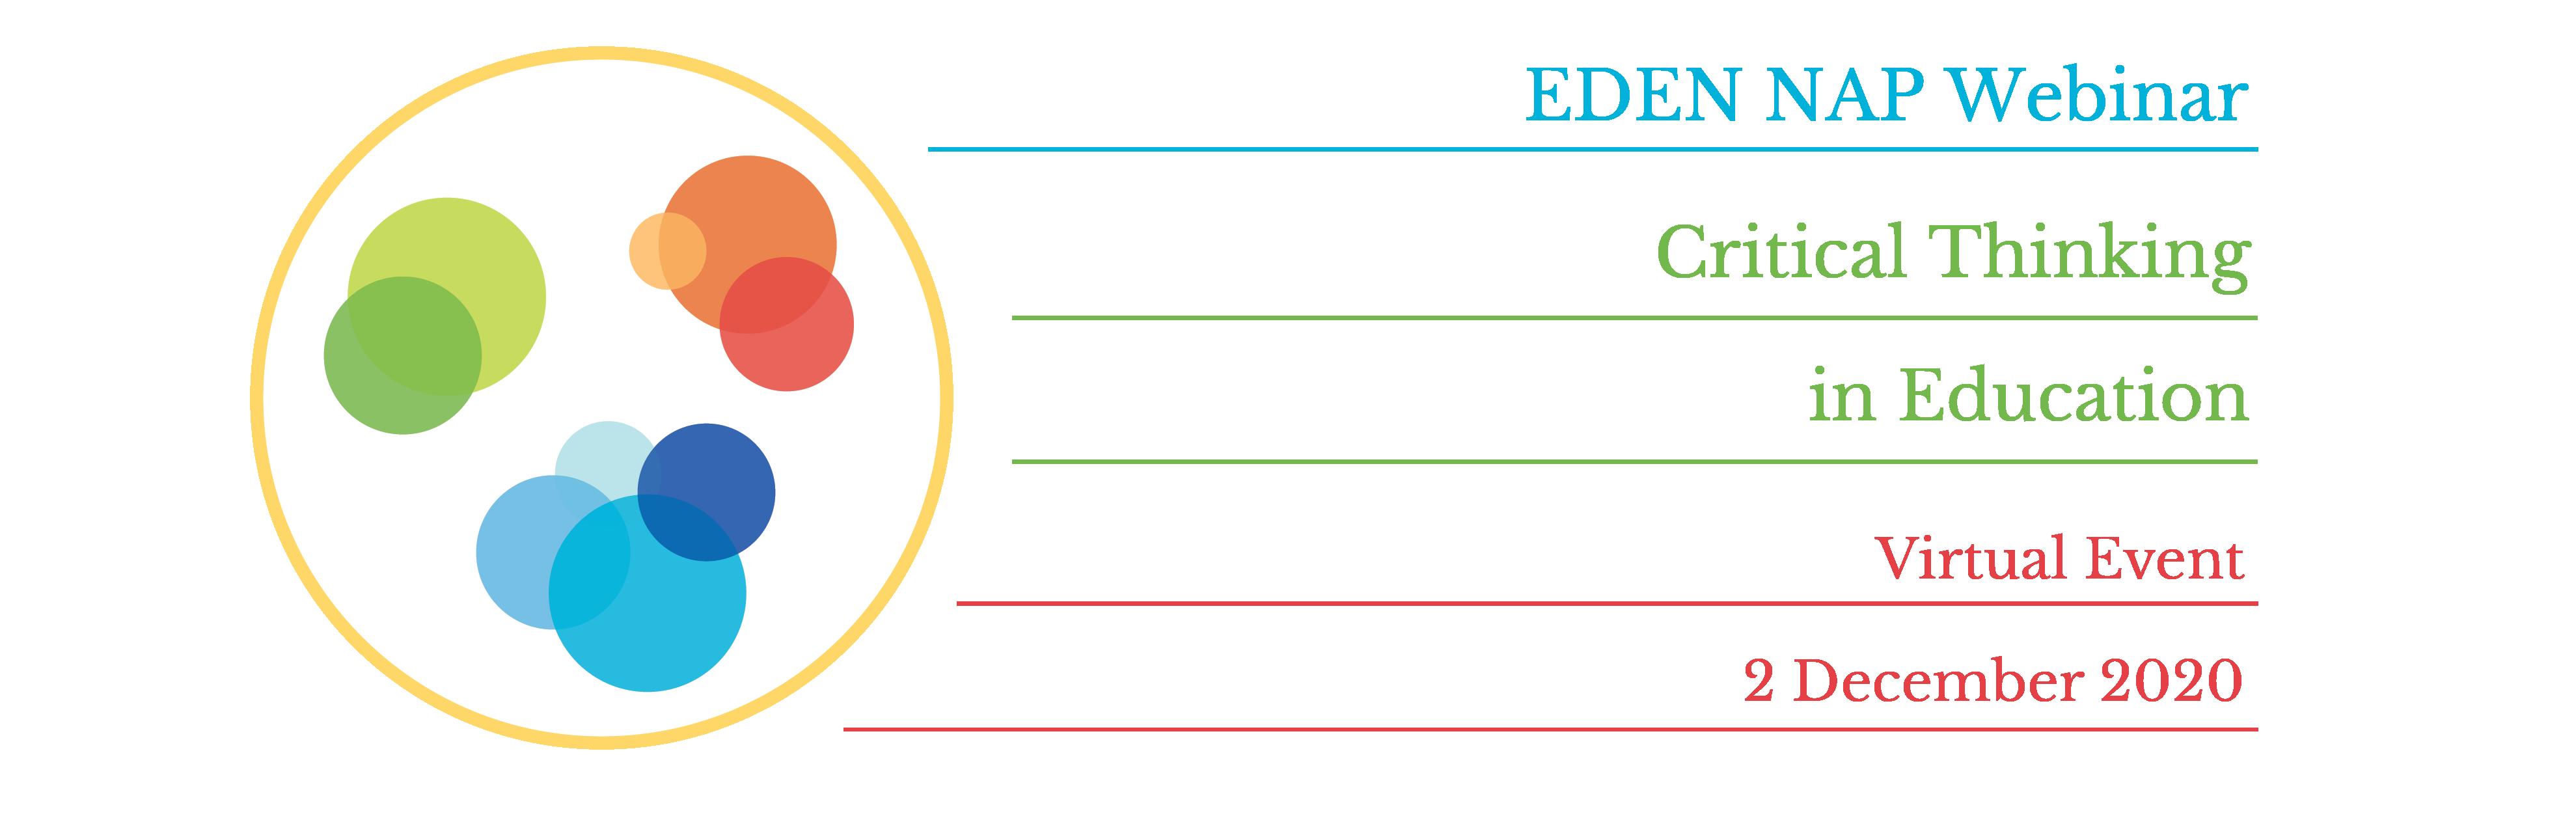 Webinar EDEN NAP: Gândirea critică în educație